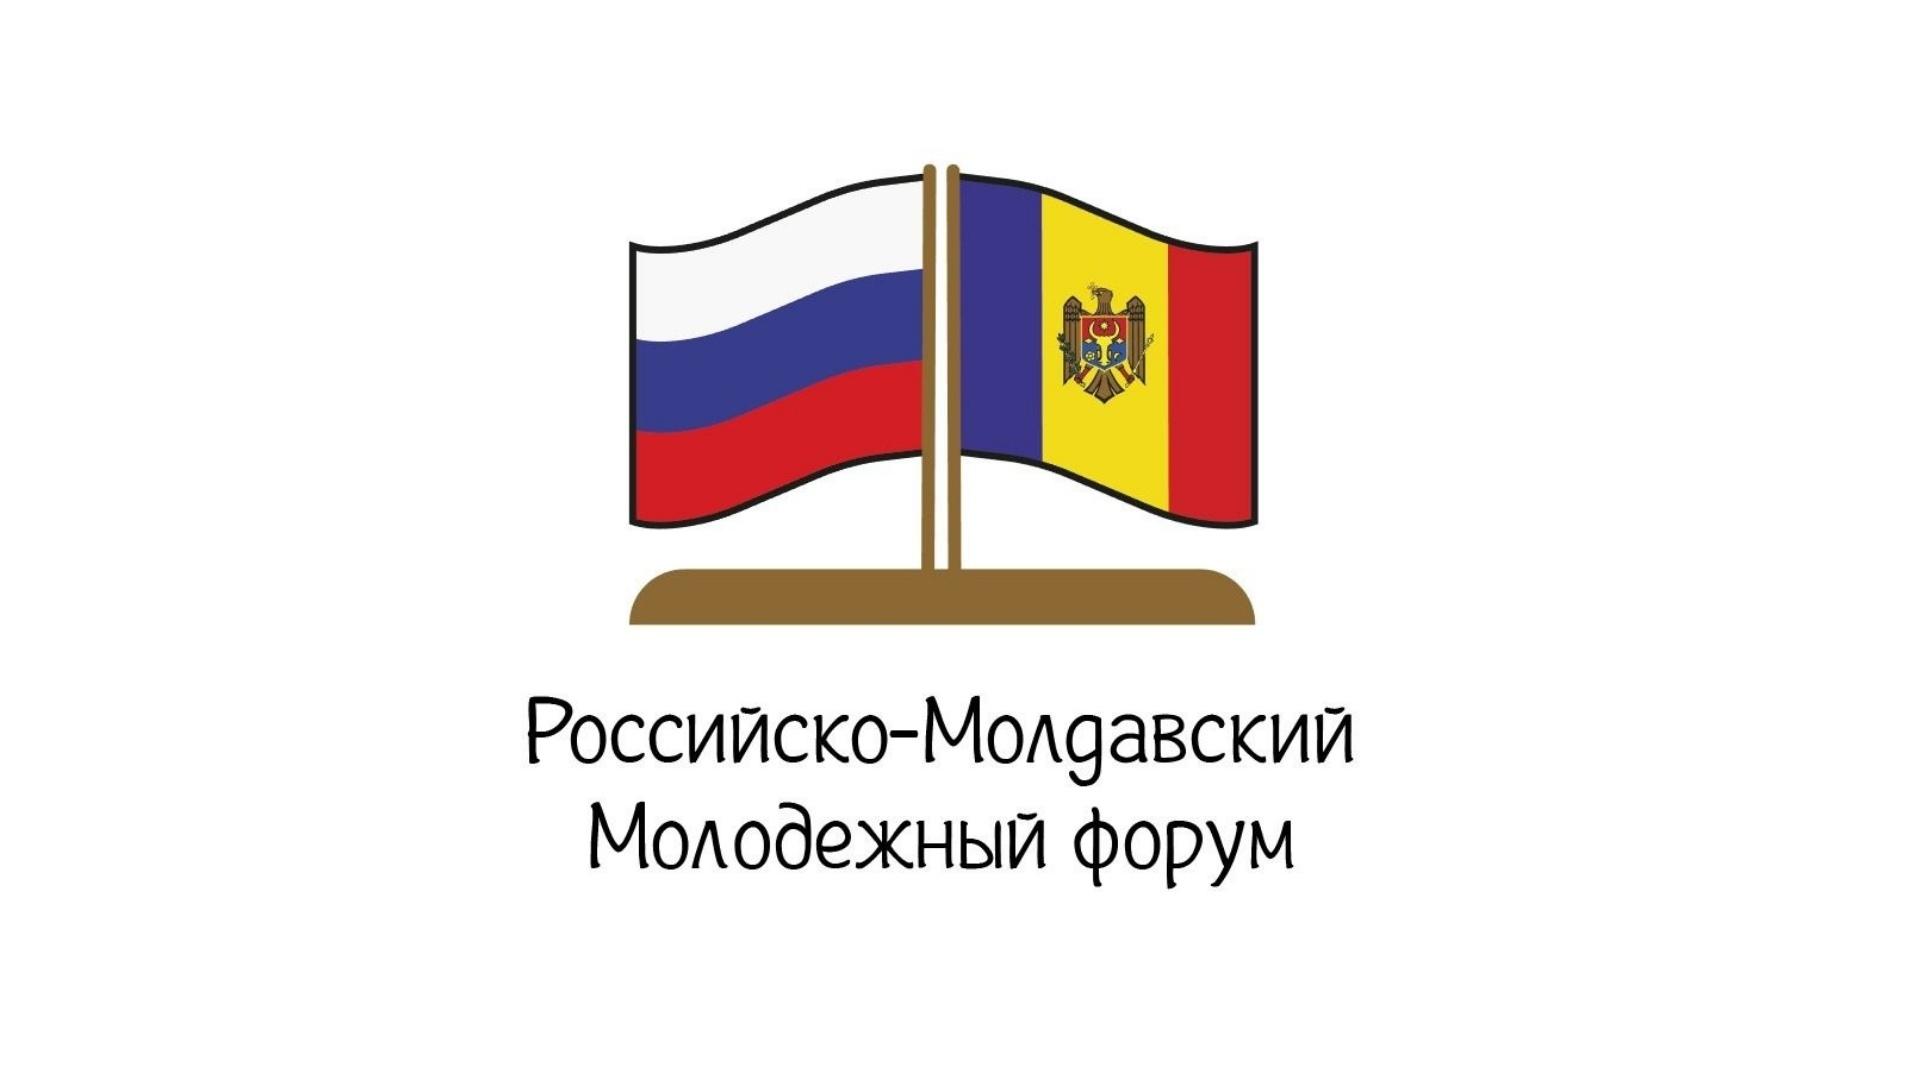 Российско-Молдавский молодежный форум